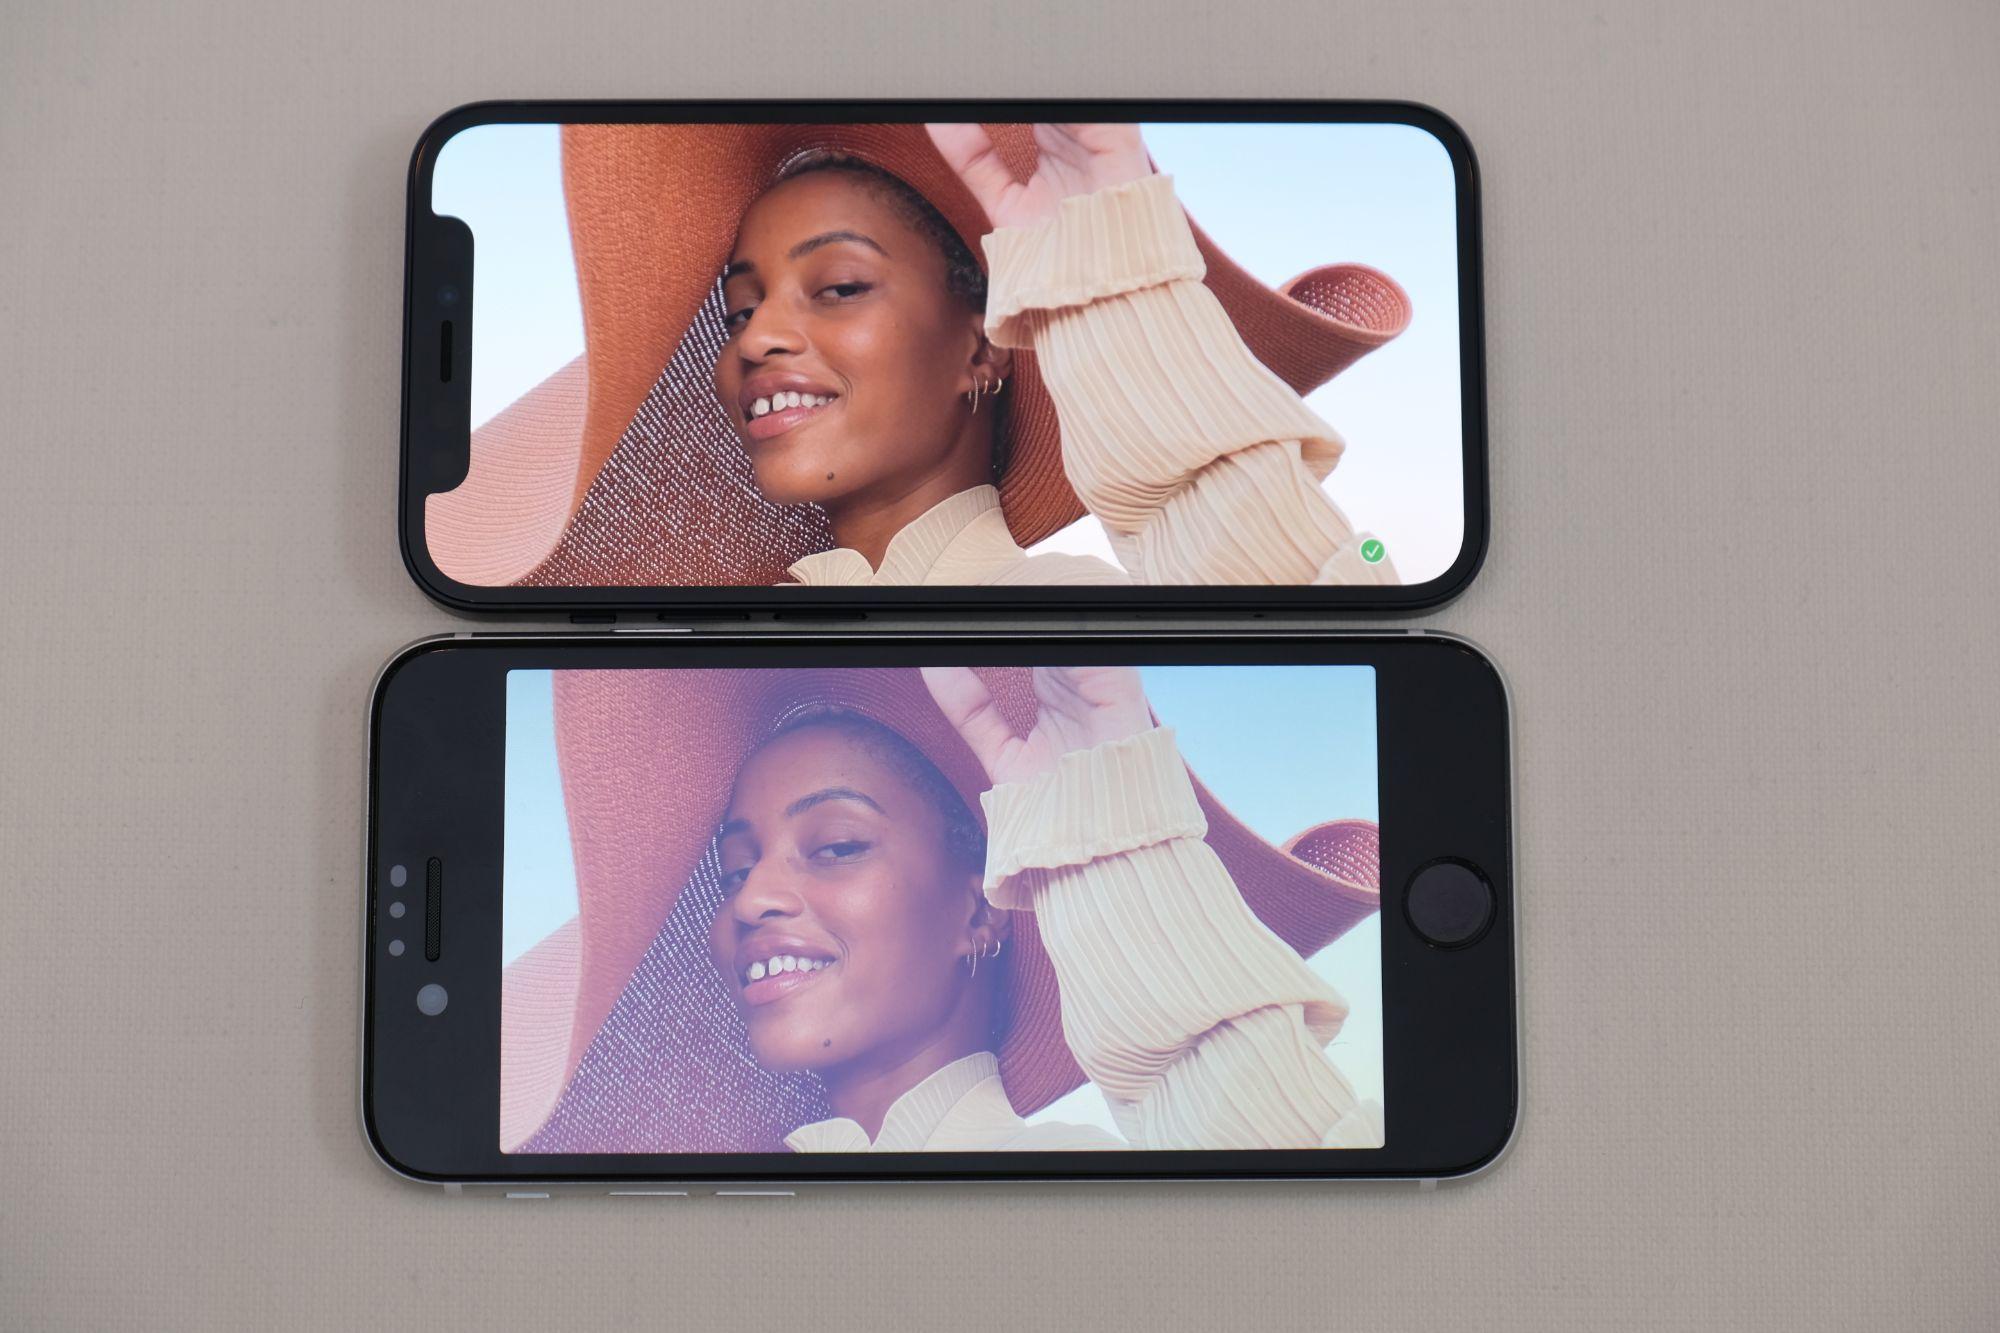 iPhoneのモデル選びと注意すべきポイント--Apple製品の選び方2020~2021【iPhone後編 ...